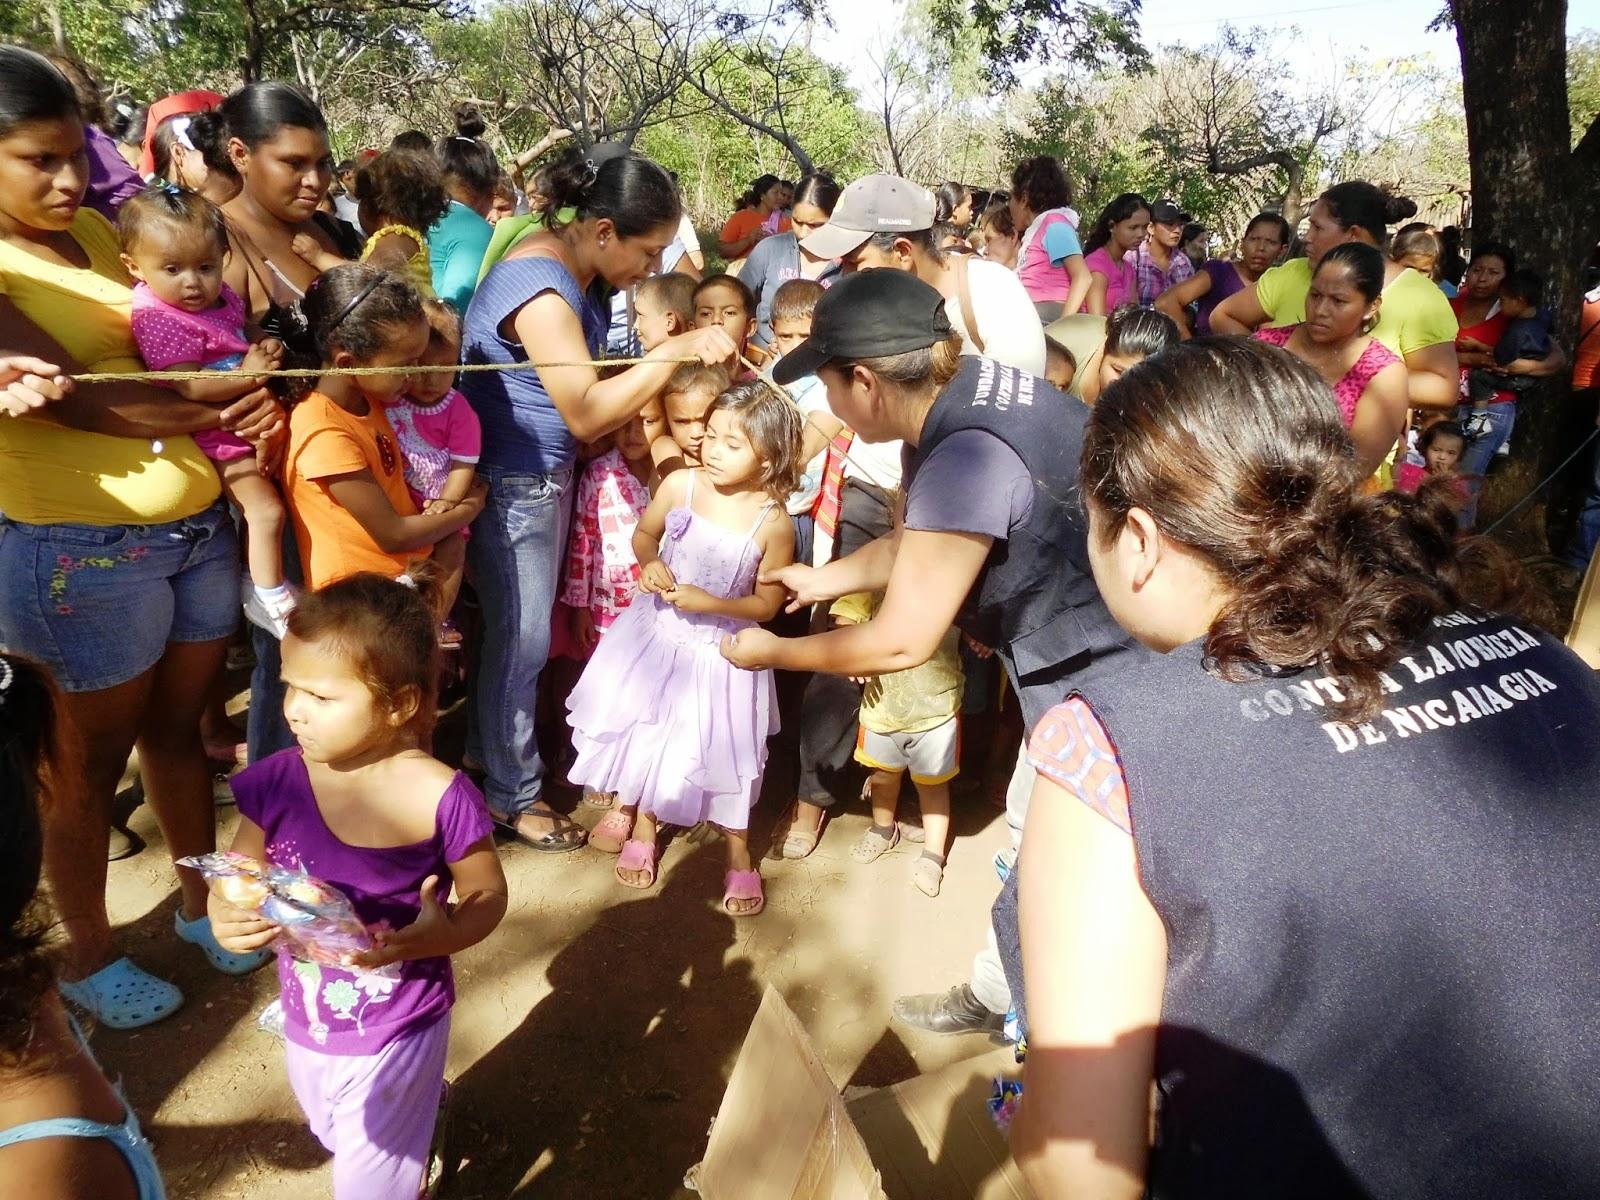 Fundacion Masaya La Juguetes Contra Pobreza Nicaragua2 600 De 5ARS34qcjL